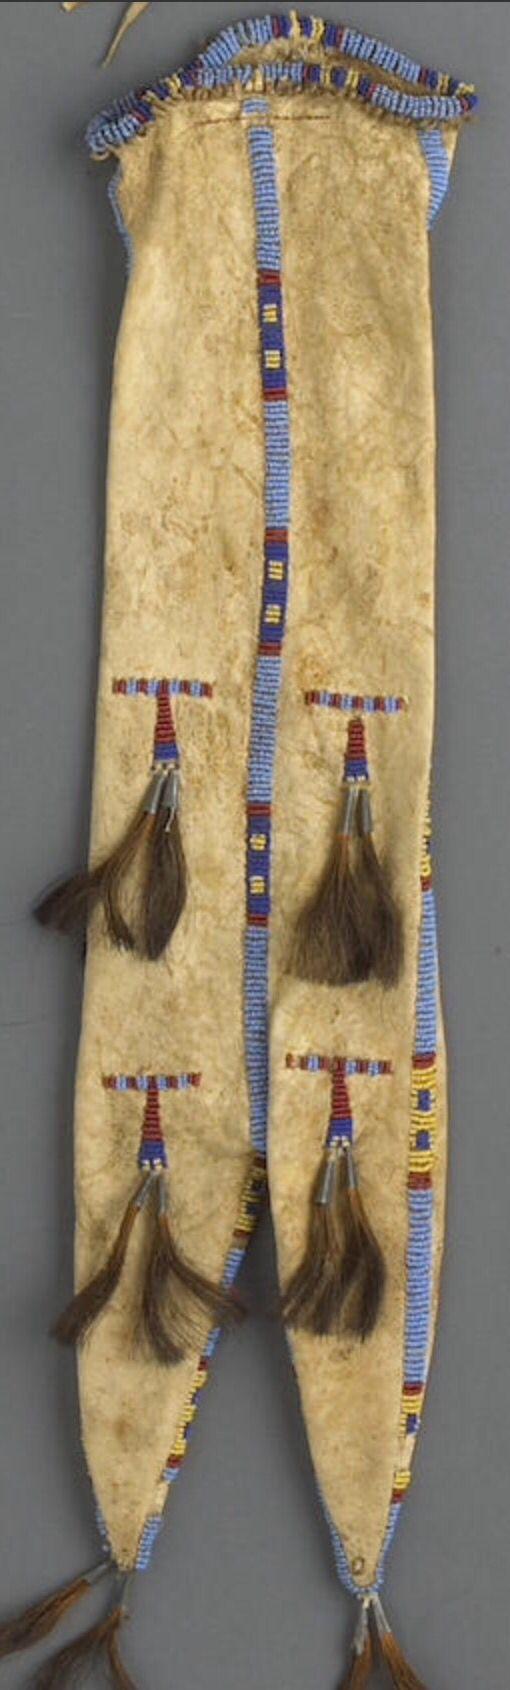 Сумка для табака, Сиу. Portland Art Museum, Портленд, Орегон. Впоследствии в собственности Museum Acquisition Fund. Bonhams, декабрь 2010.